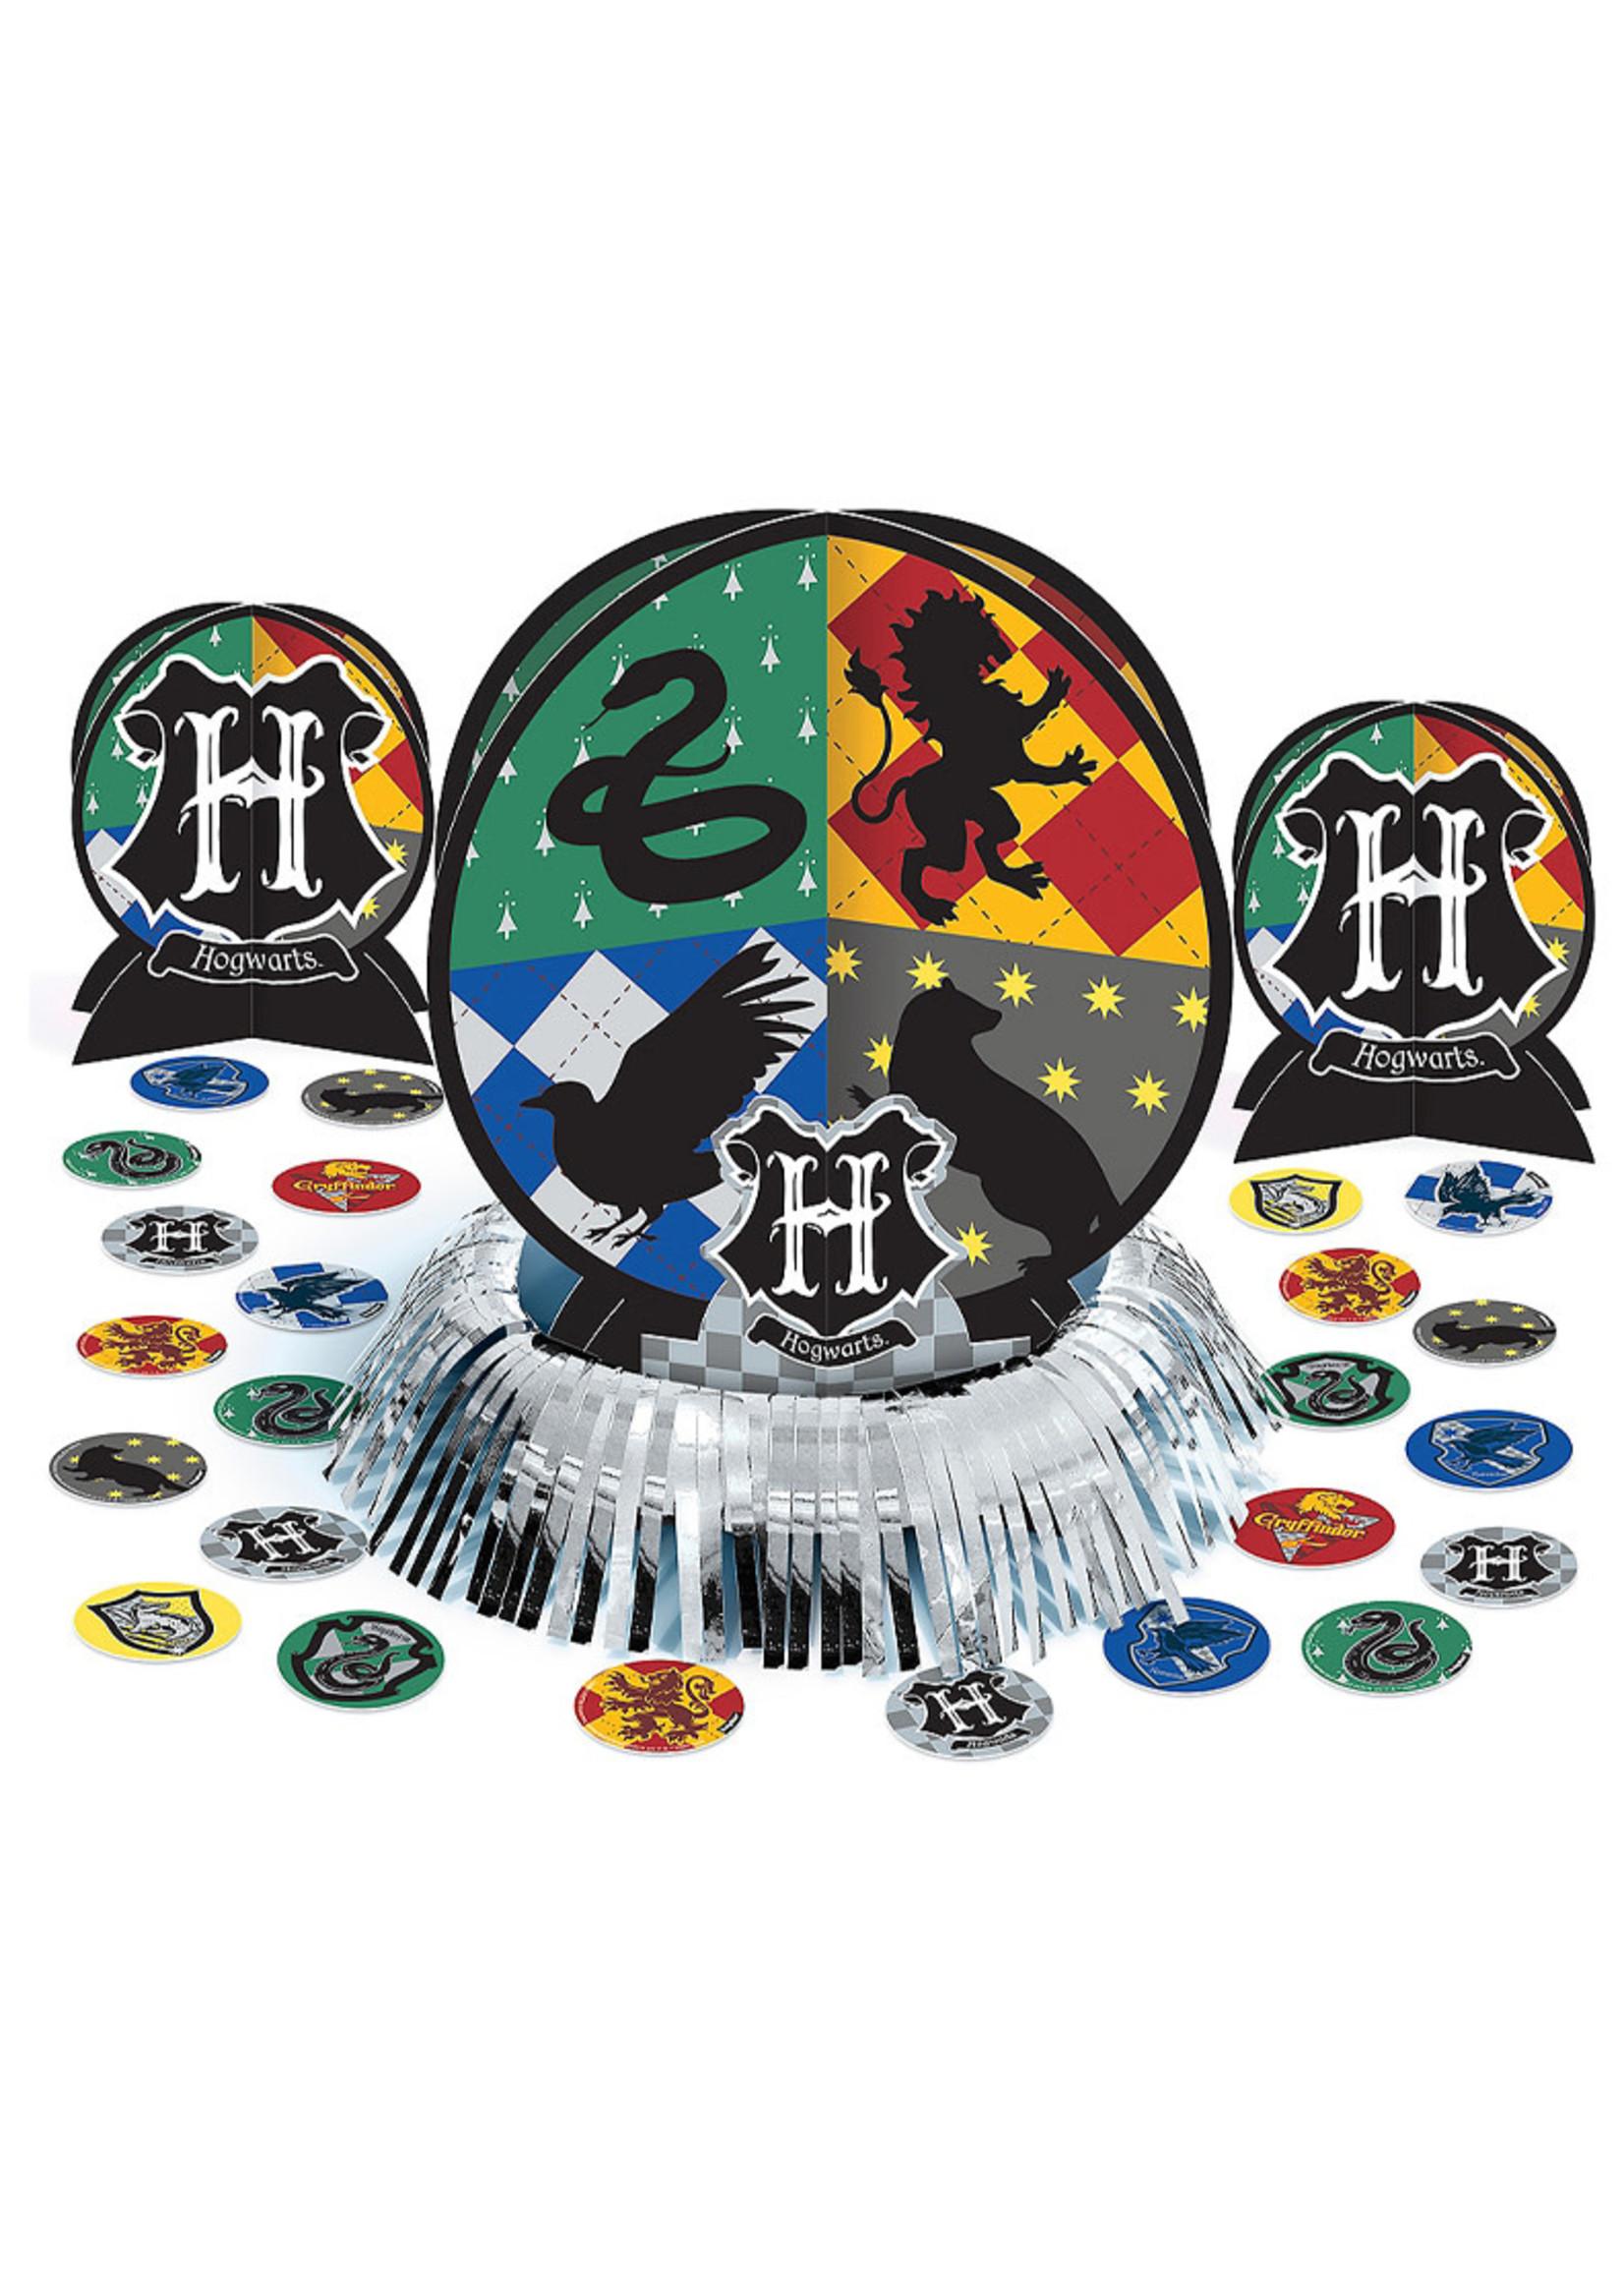 Harry Potter Table Decorating Kit 23pc